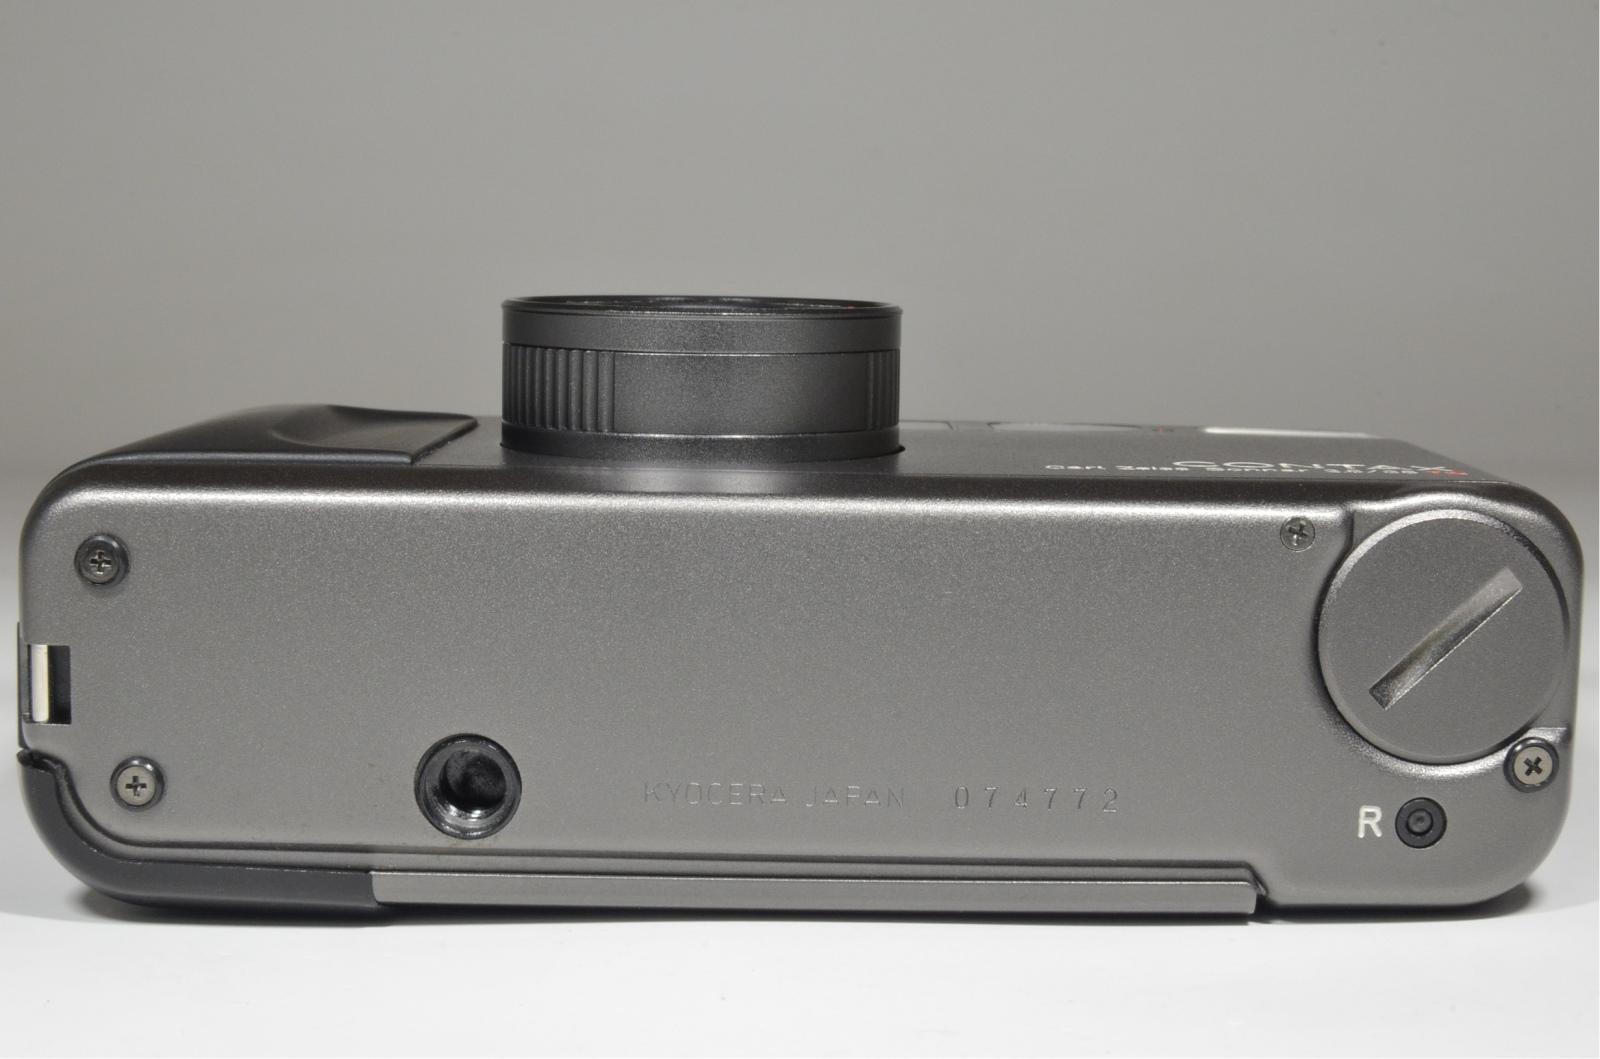 contax t2 titanium black 35mm film camera w/ full leather case